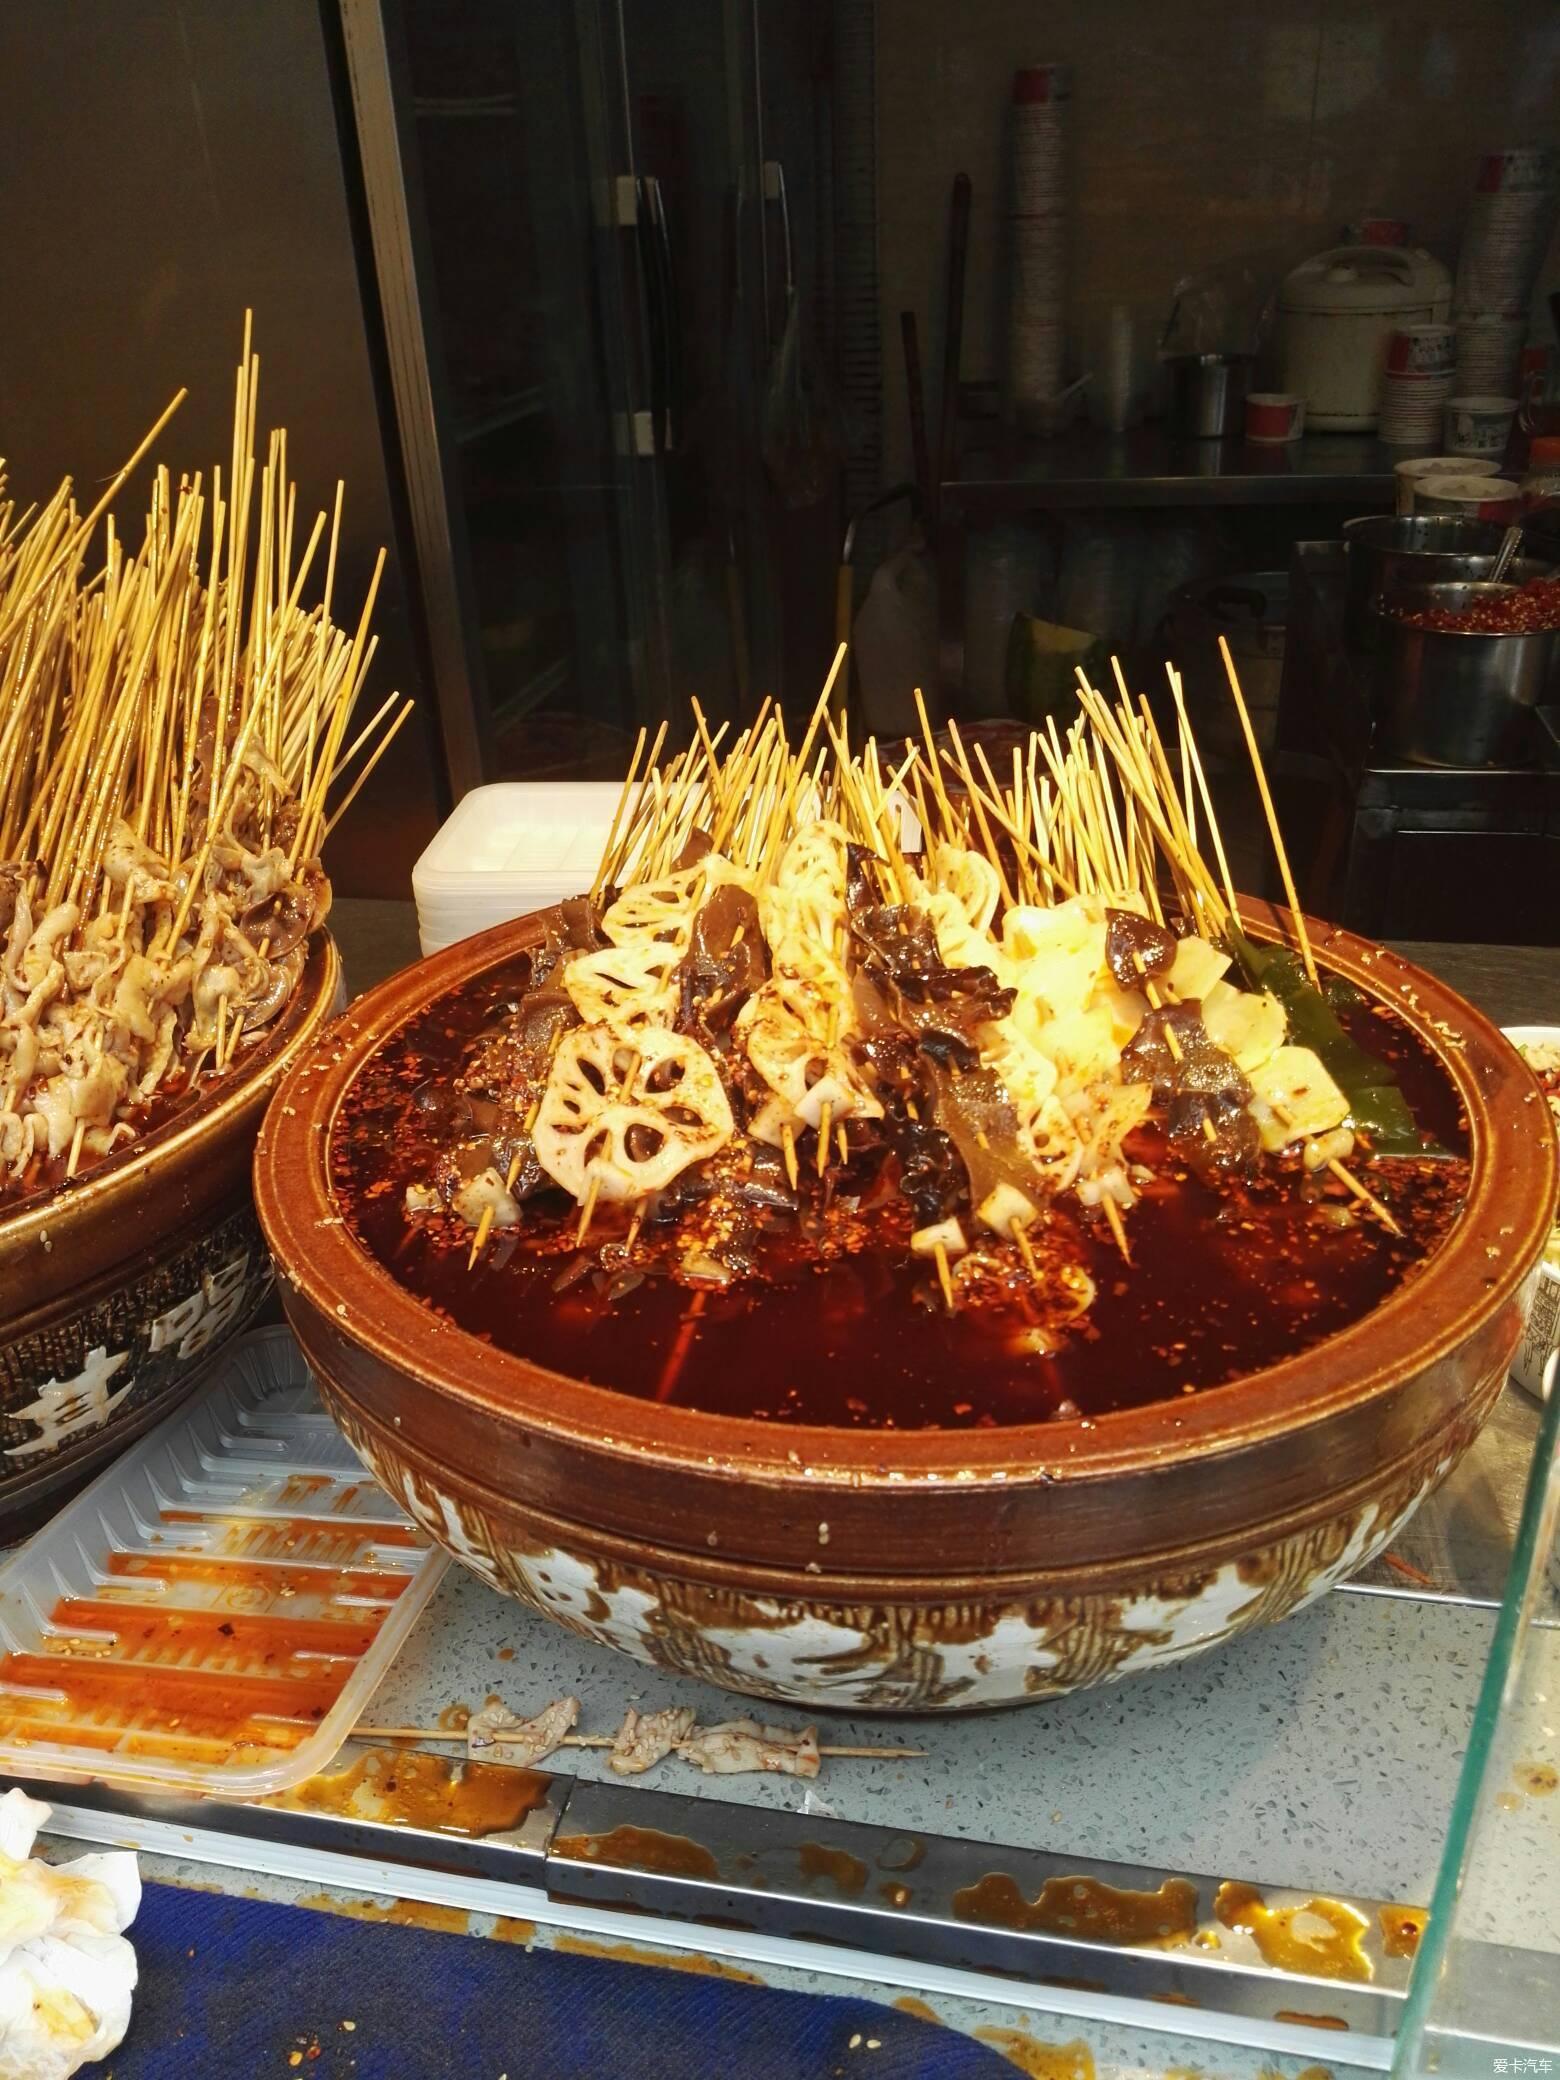 锦里的小吃钵钵鸡,棒棒鸡红油太香了图片